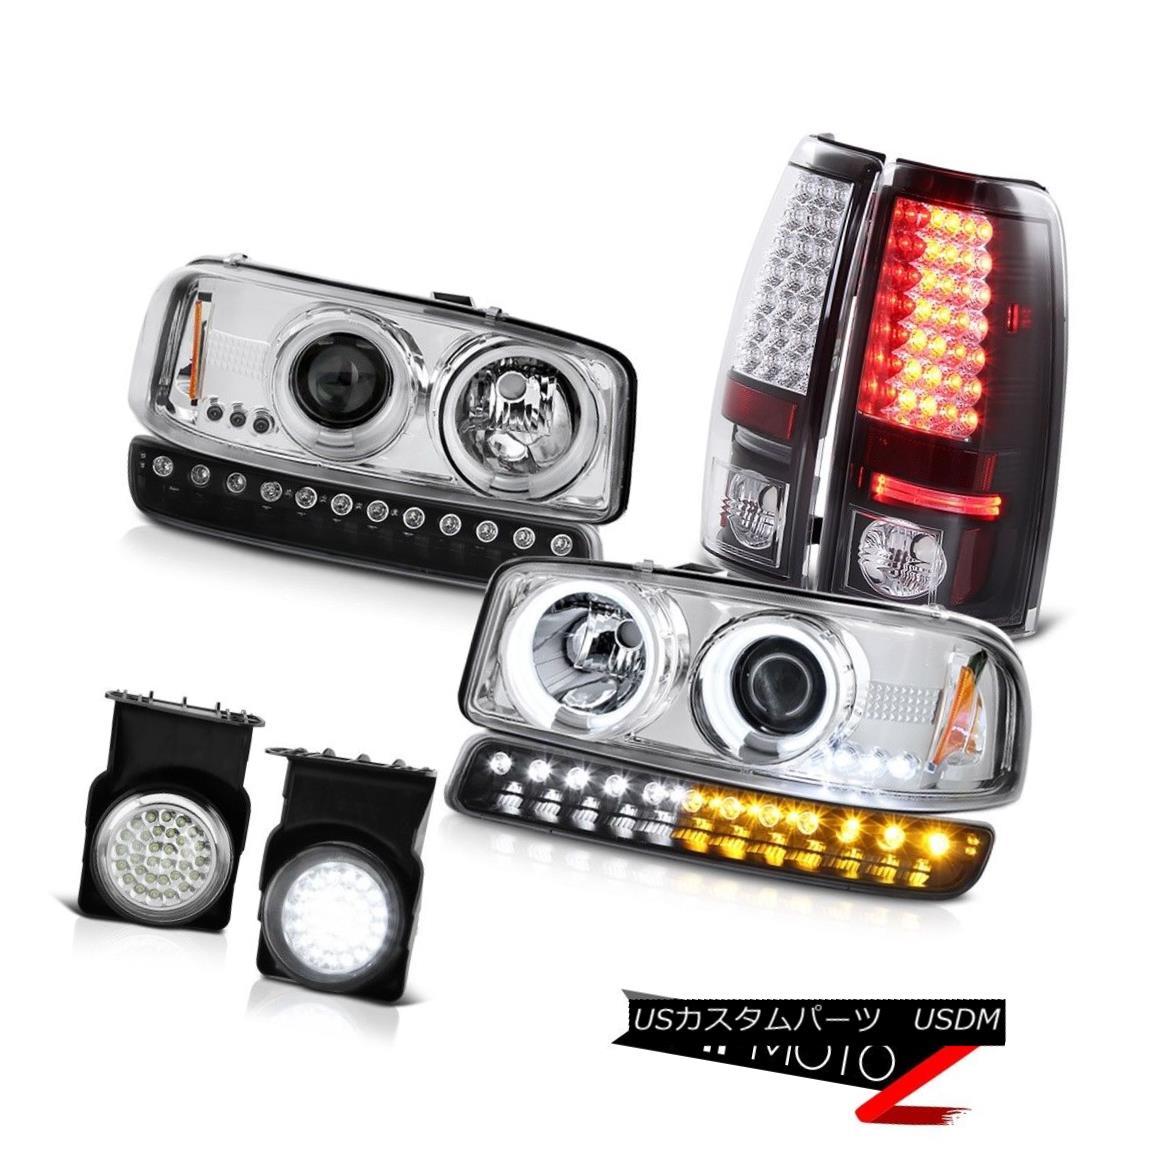 テールライト 03-06 Sierra SL Chrome fog lights tail turn signal ccfl Headlamps LED Halo Ring 03-06シエラSLクロームフォグライトテールターンシグナルccflヘッドランプLEDハローリング